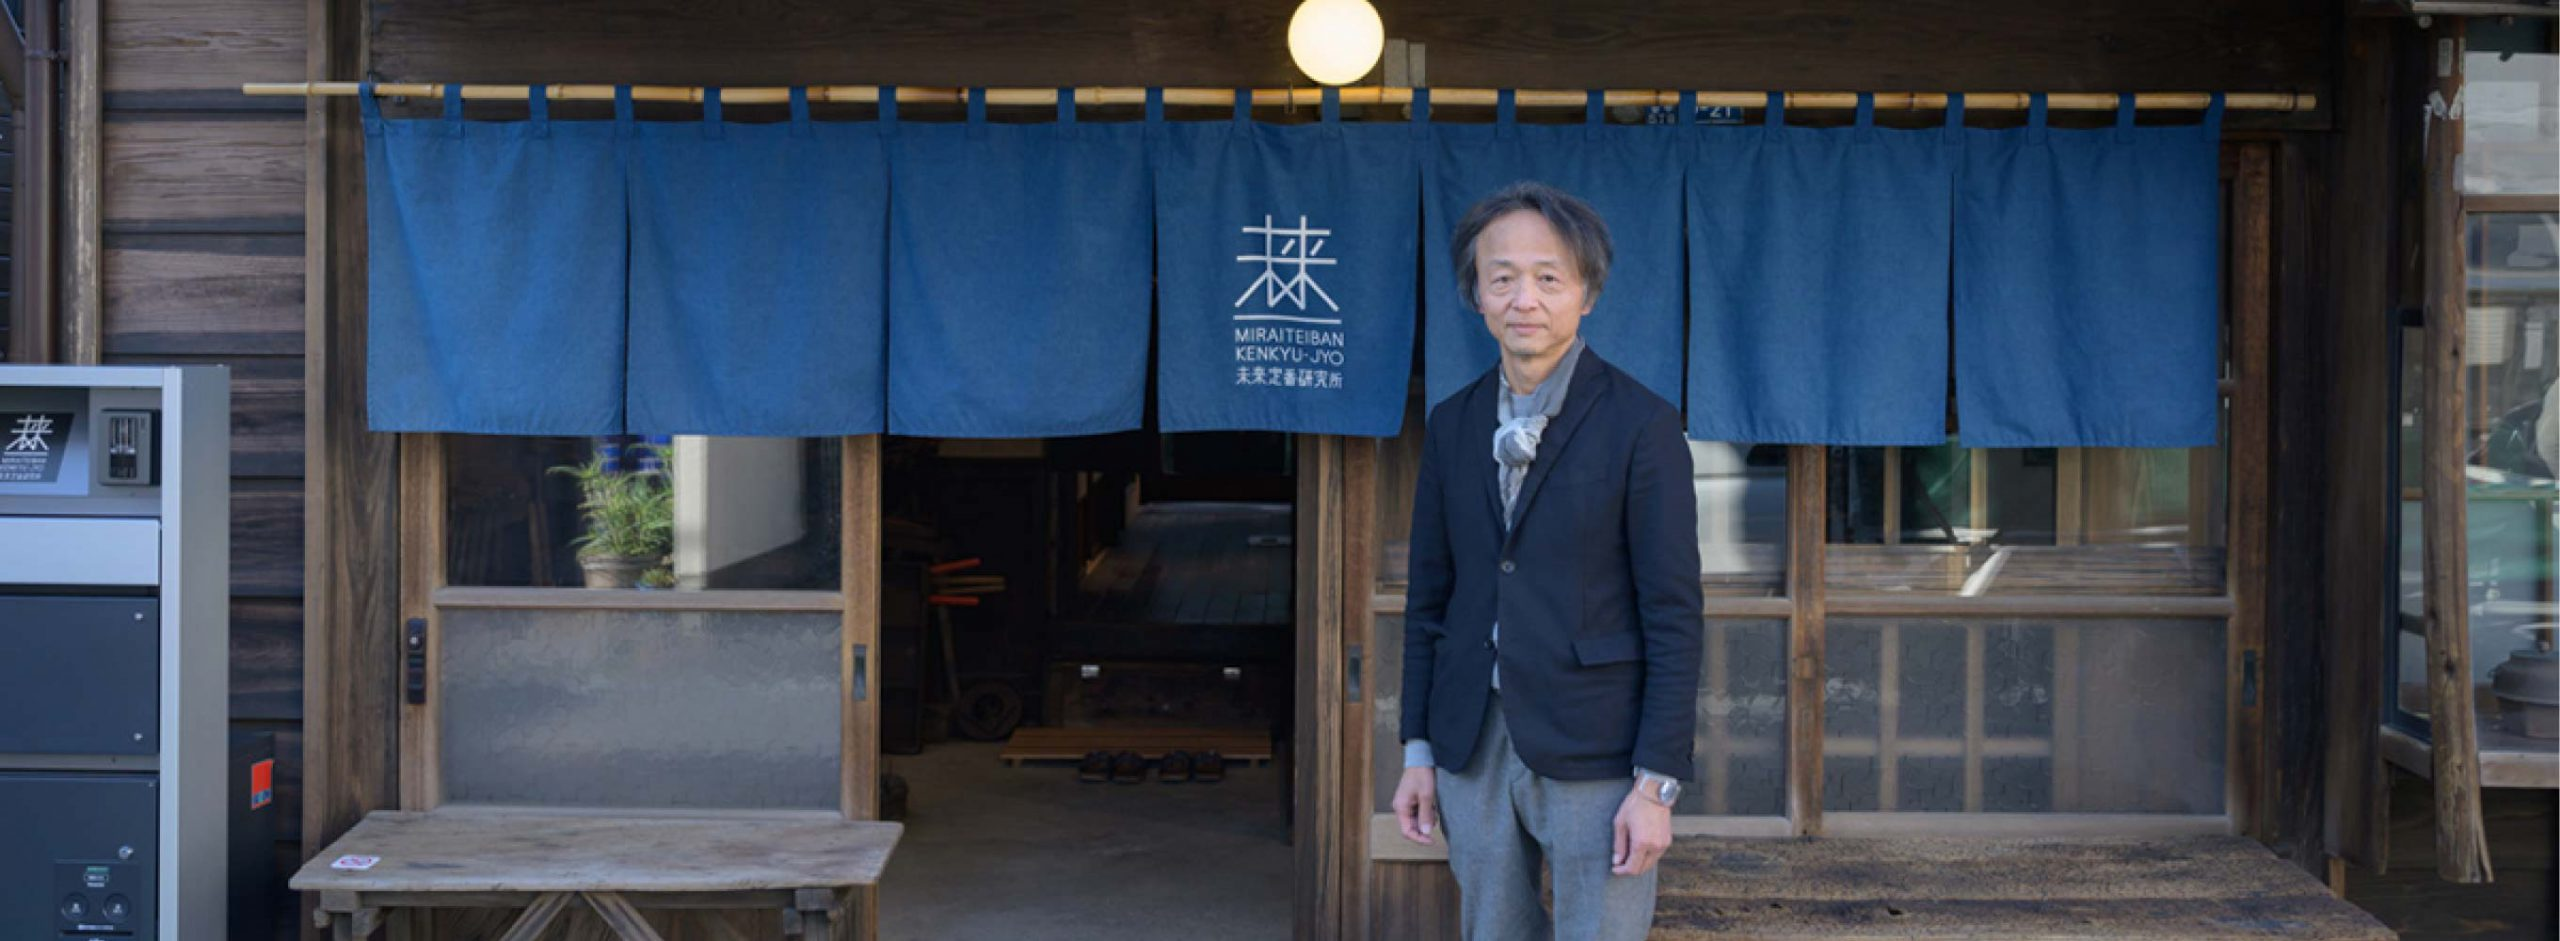 江戸から続く老舗・大丸松坂屋百貨店に<br>新風を吹き込む「未来定番研究所」とは